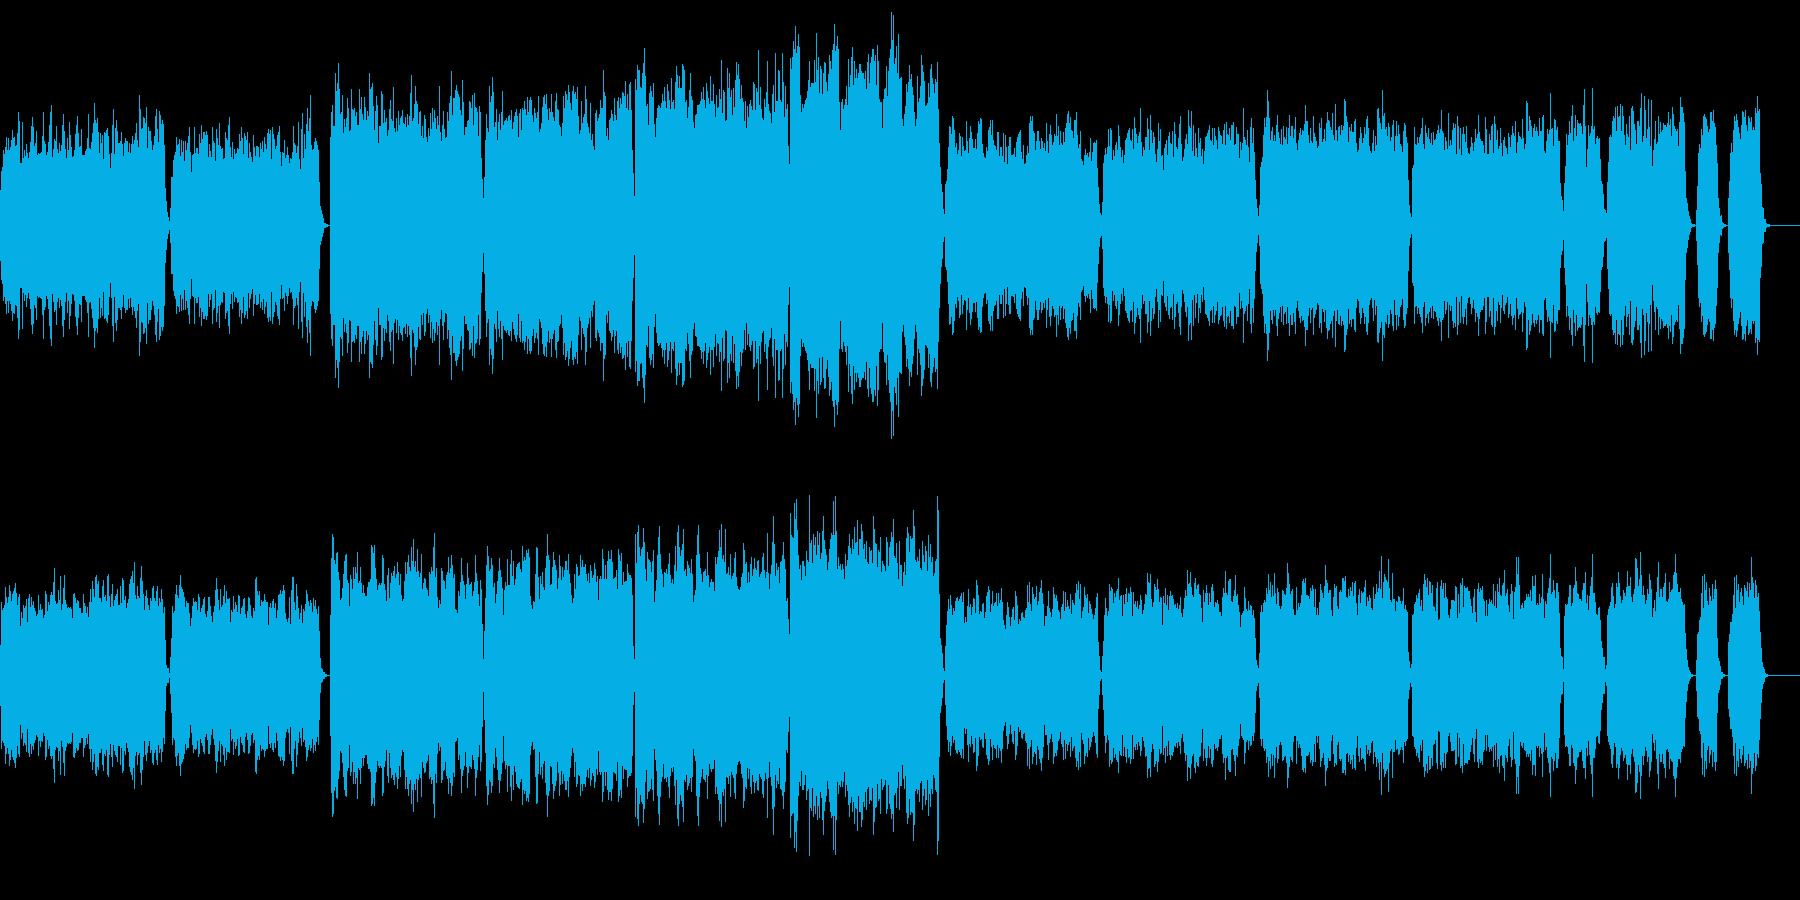 『ペール・ギュント』第1組曲より第二曲の再生済みの波形